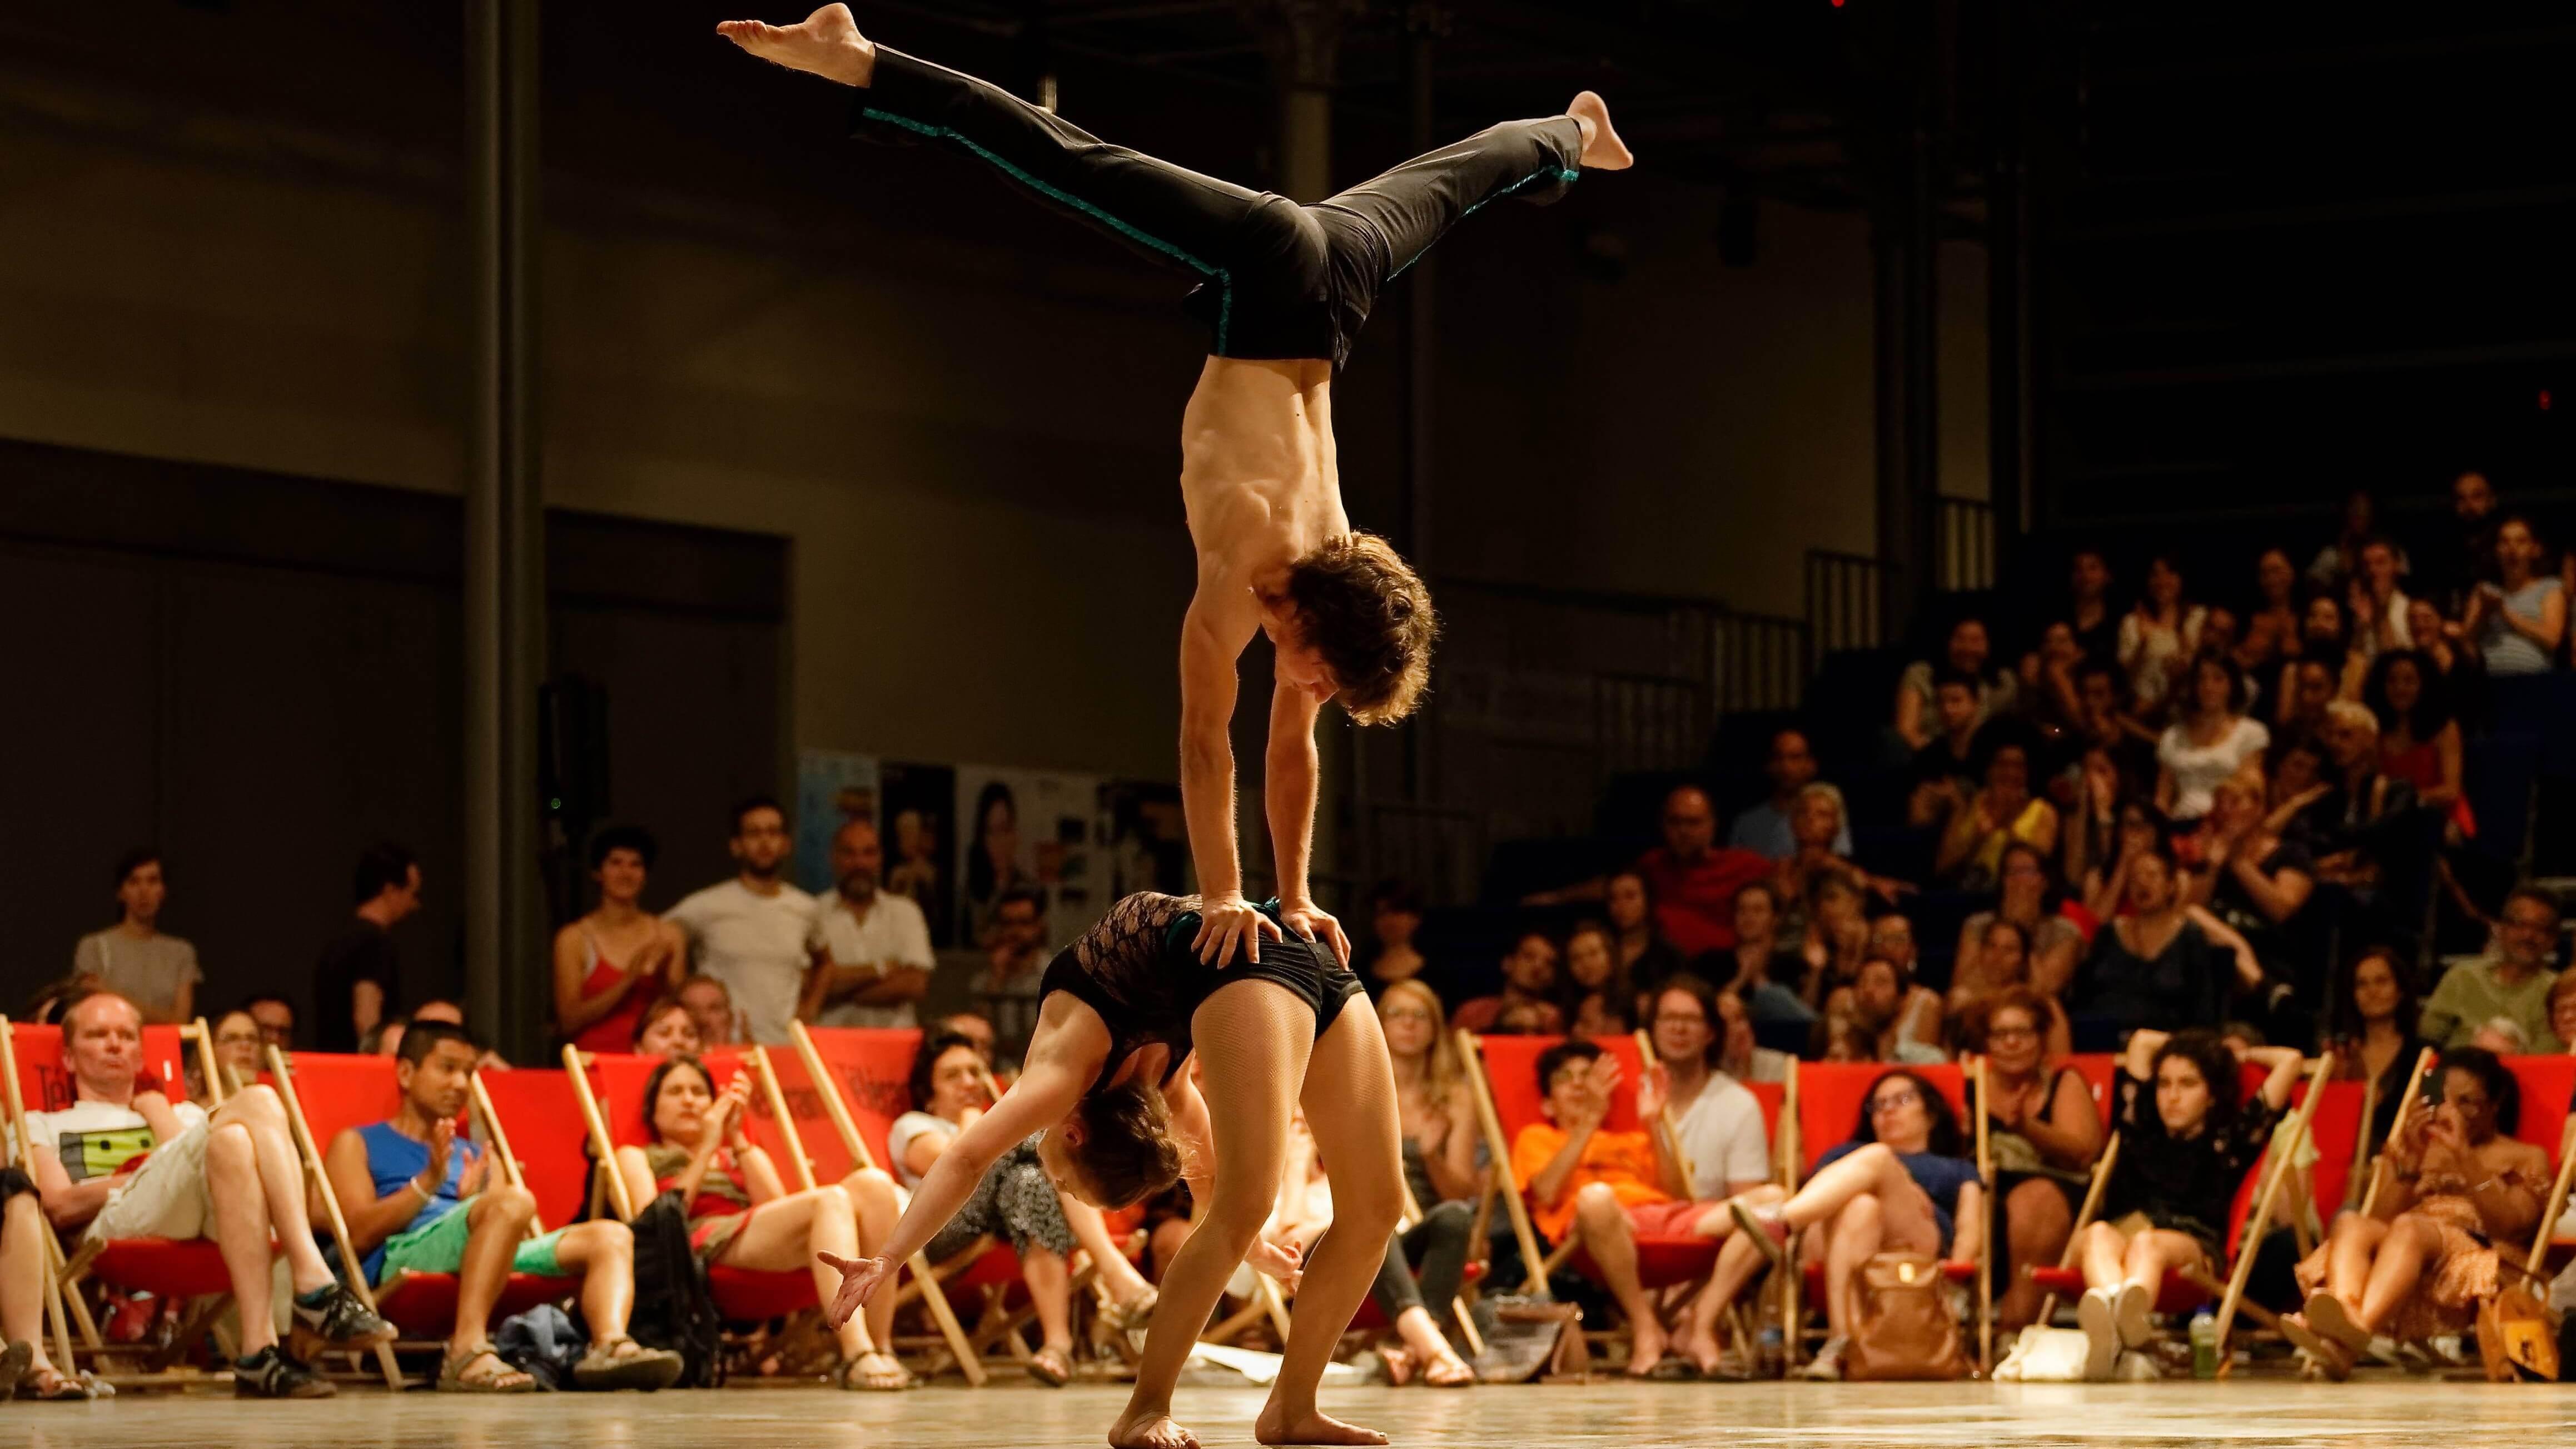 spectacle duo cirque porté paris ile de france